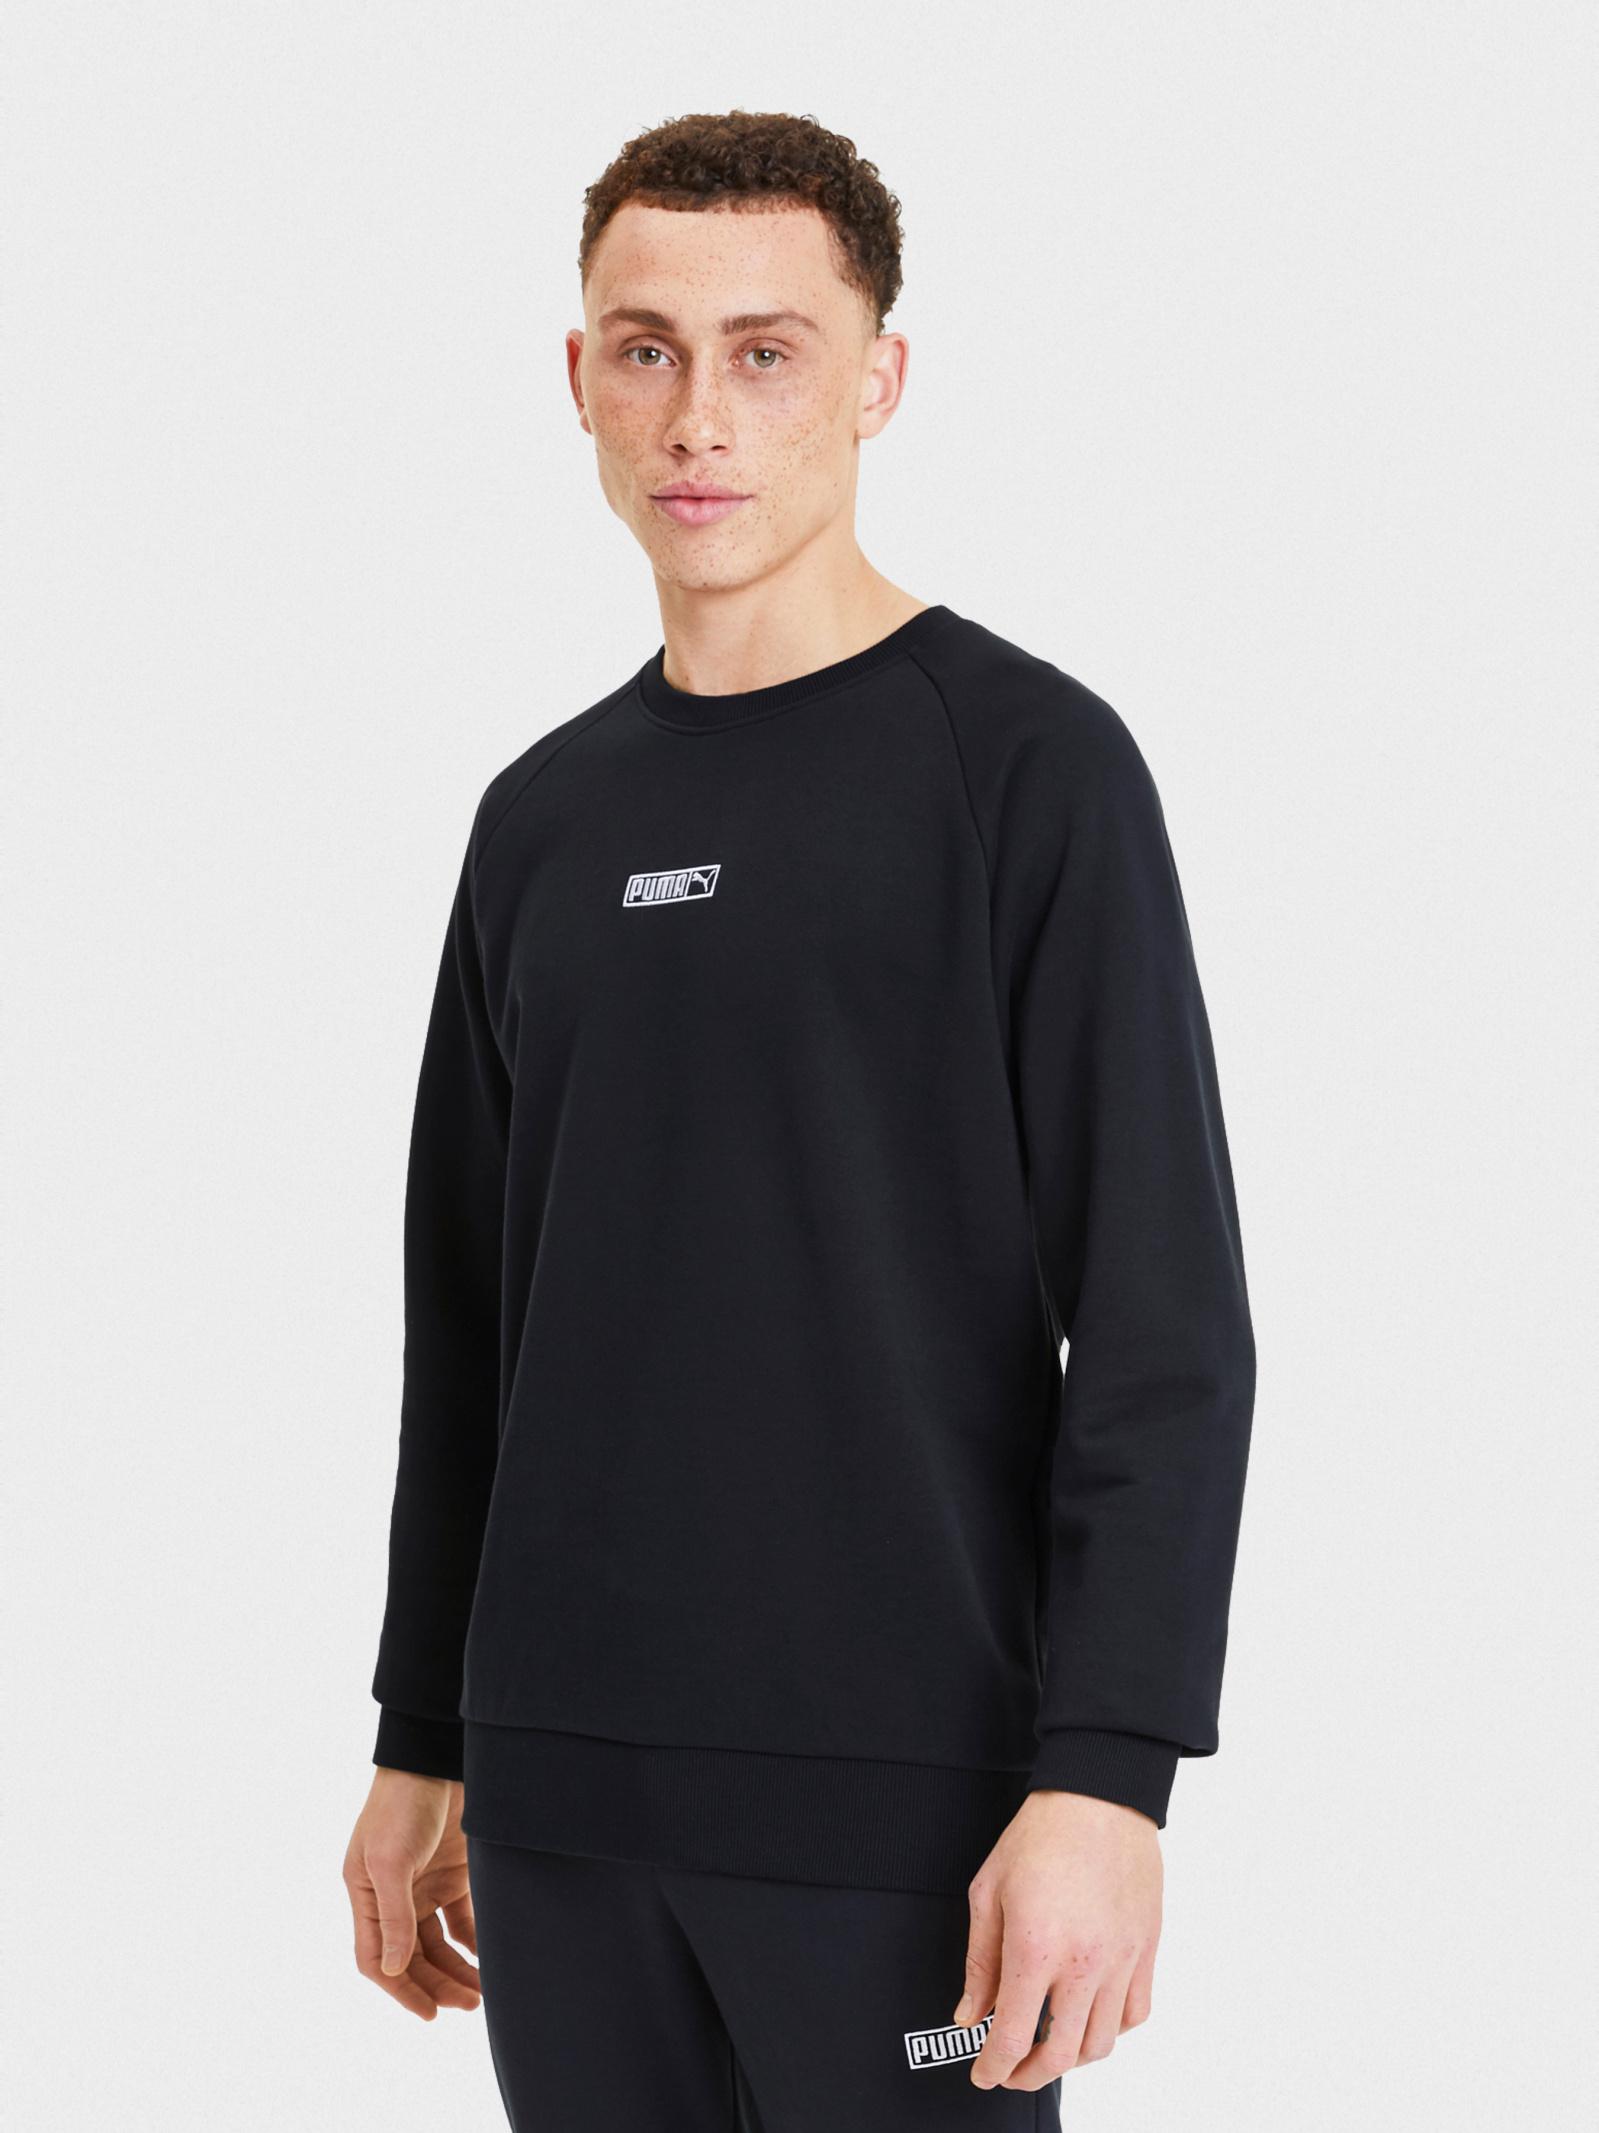 PUMA Кофти та светри чоловічі модель 59626601 ціна, 2017